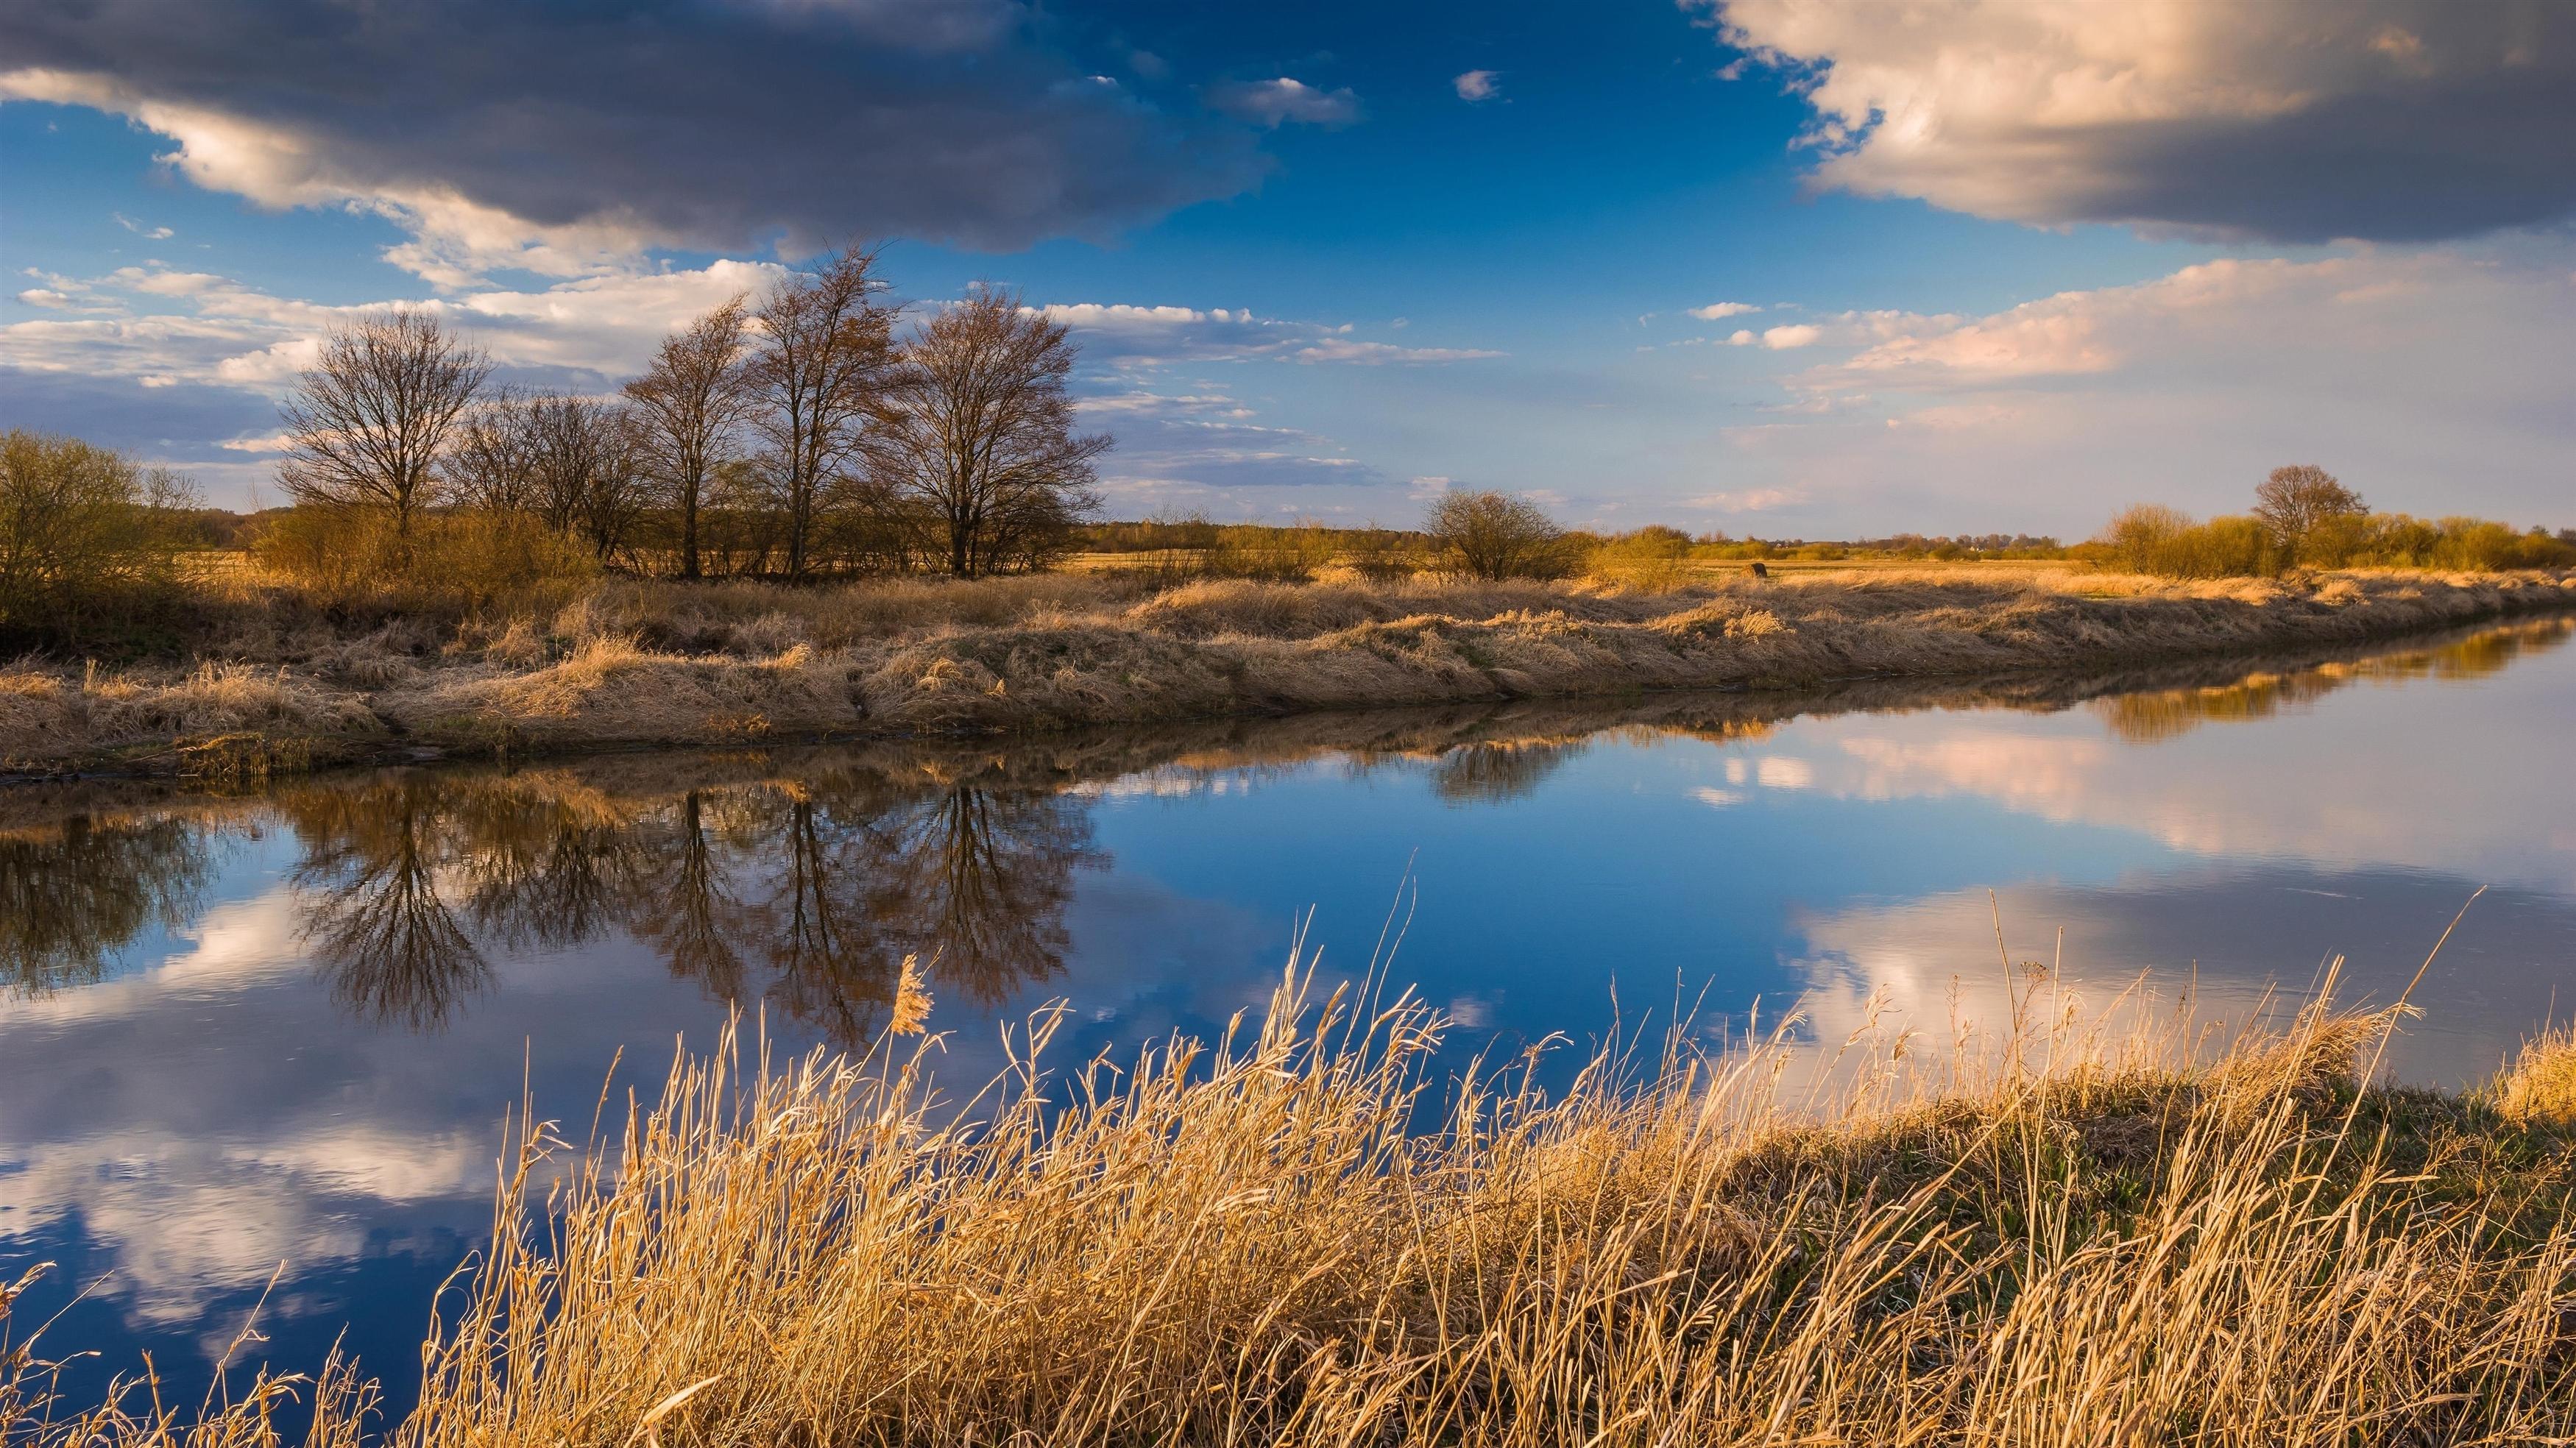 Сухое поле между рекой с отражением облаков в дневное время природа обои скачать